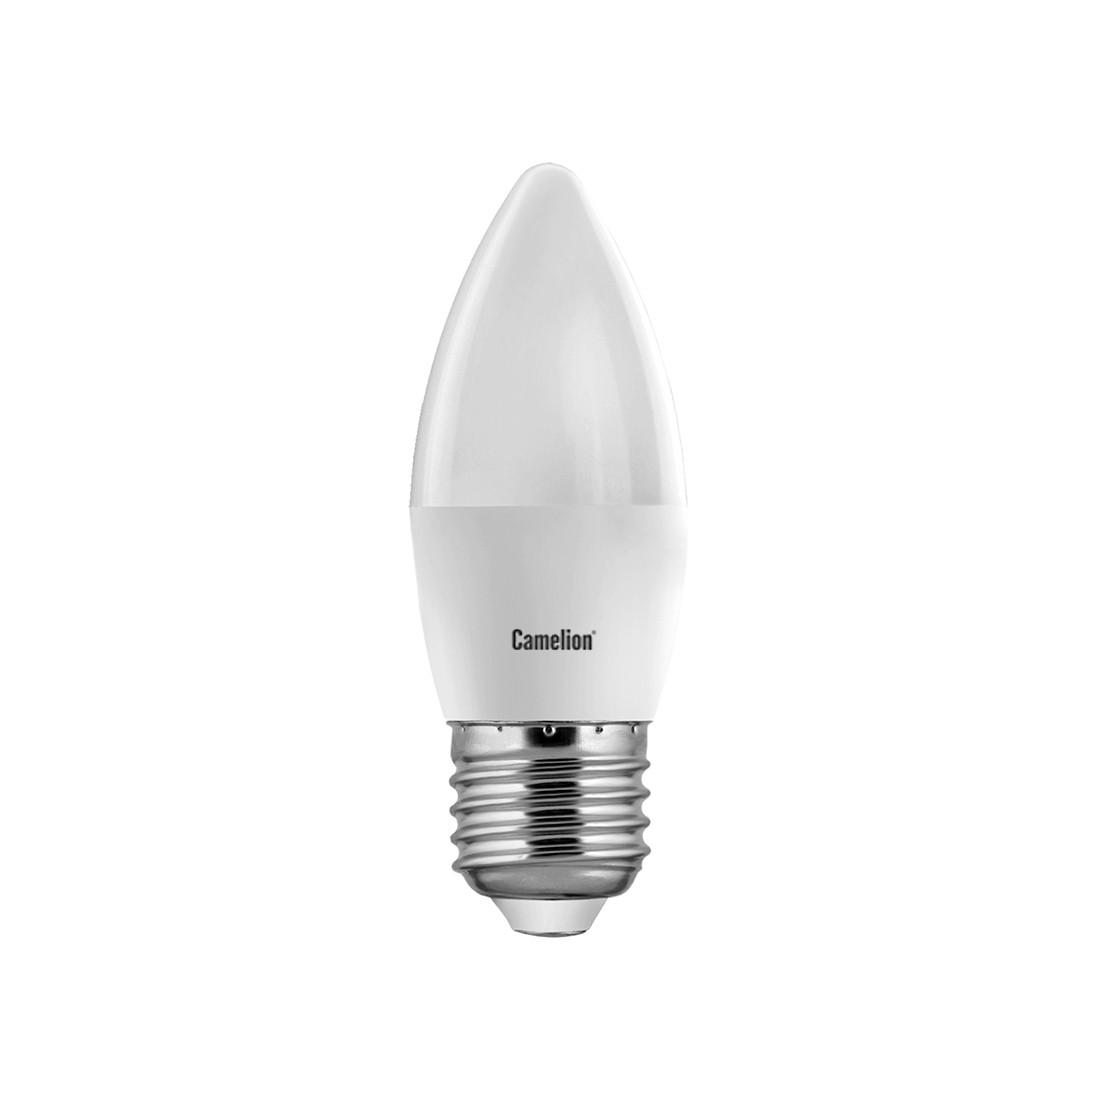 Эл. лампа светодиодная Camelion C35/6500К/E27/7Вт, Дневной